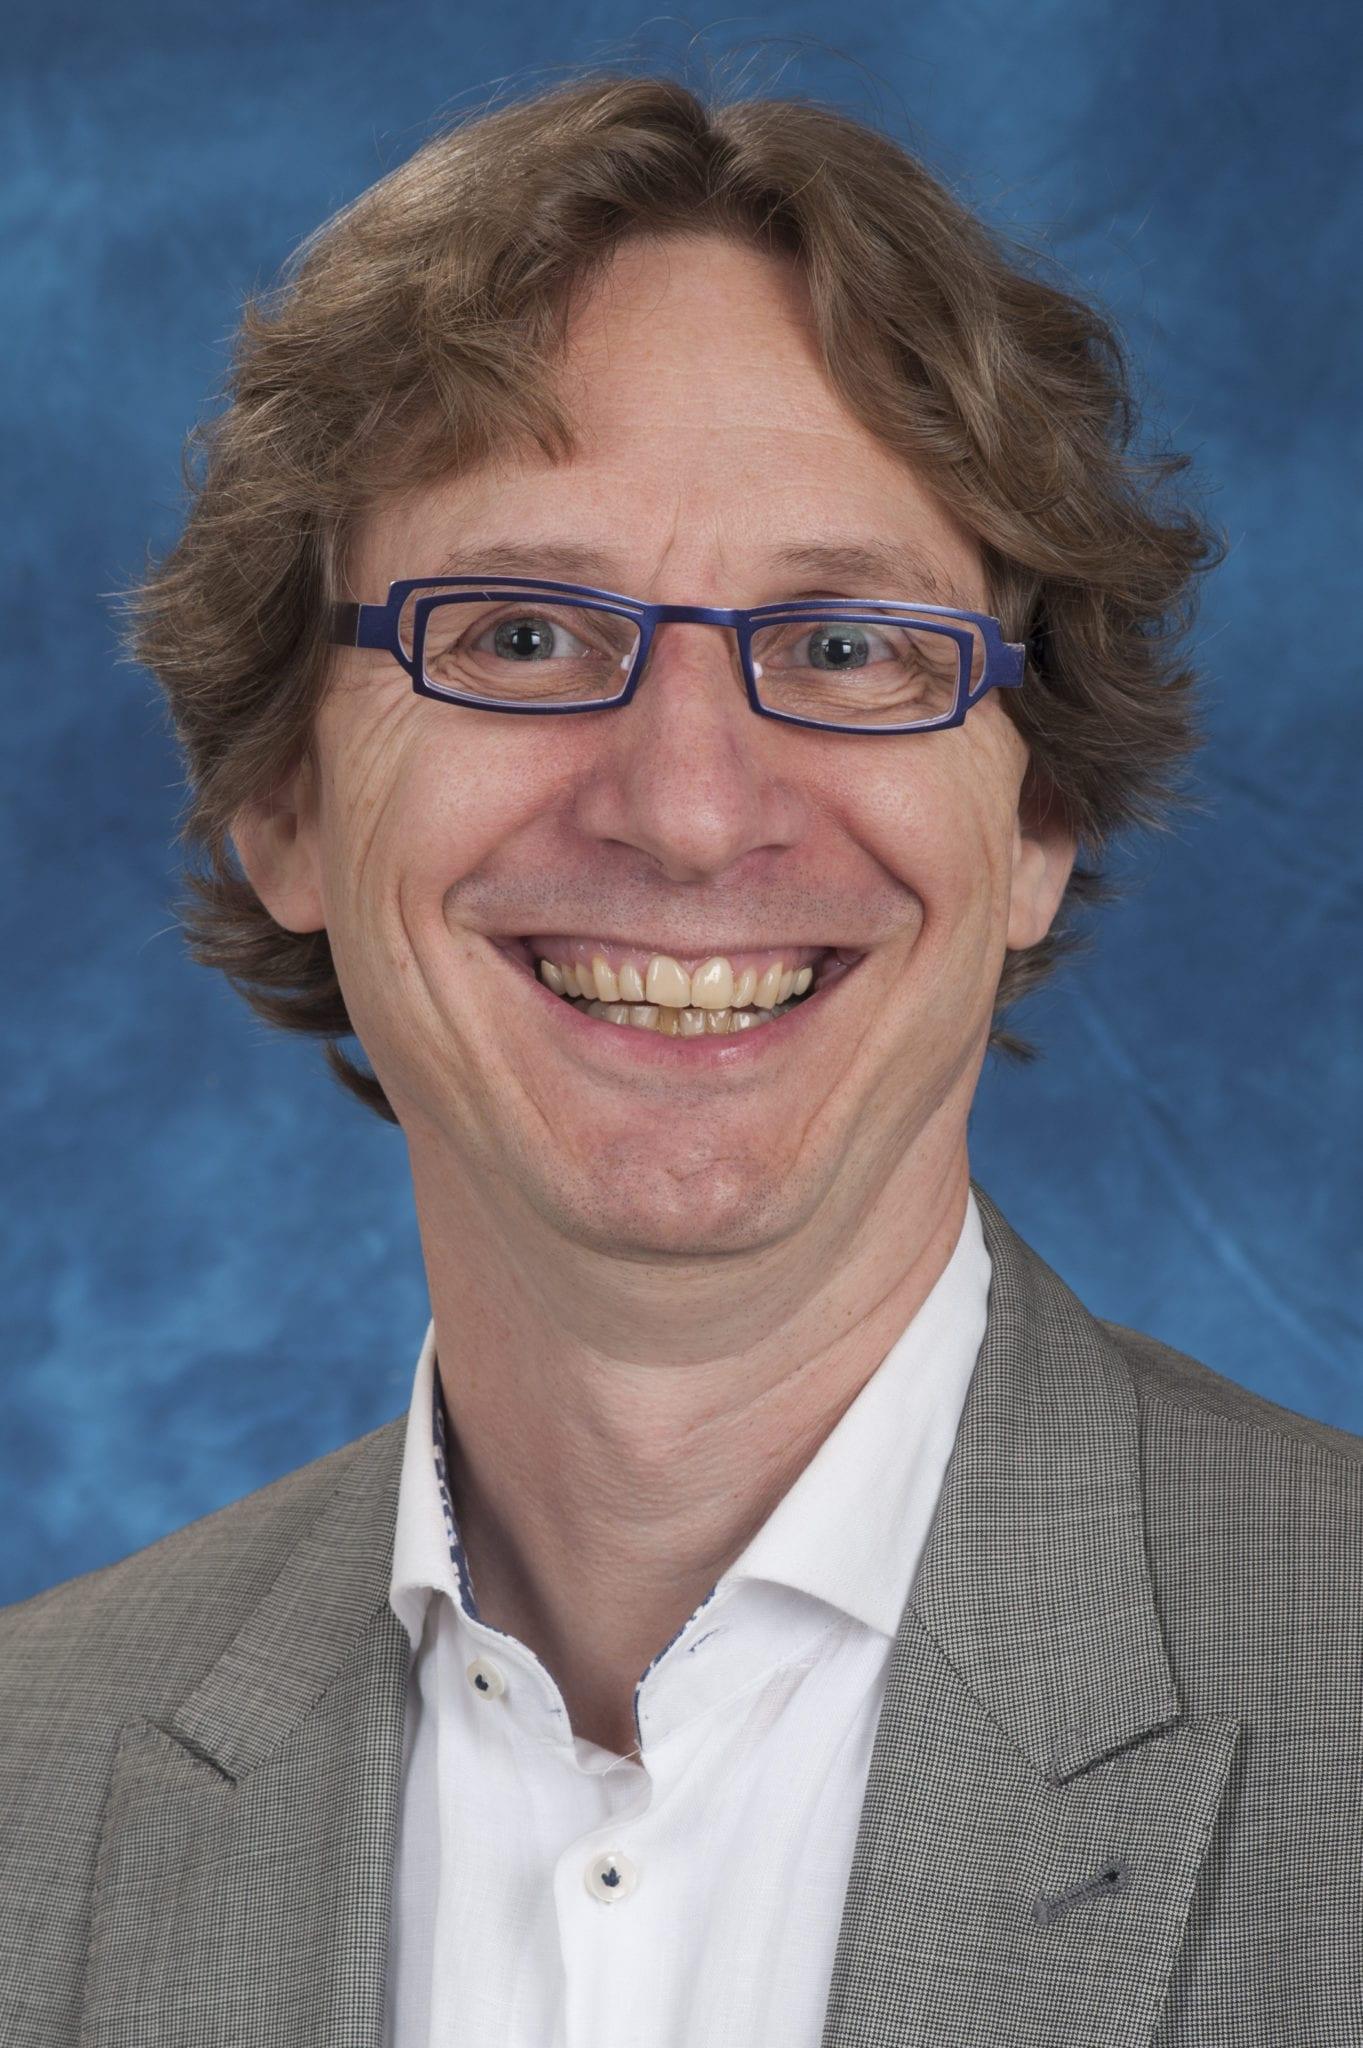 Niels Schieman